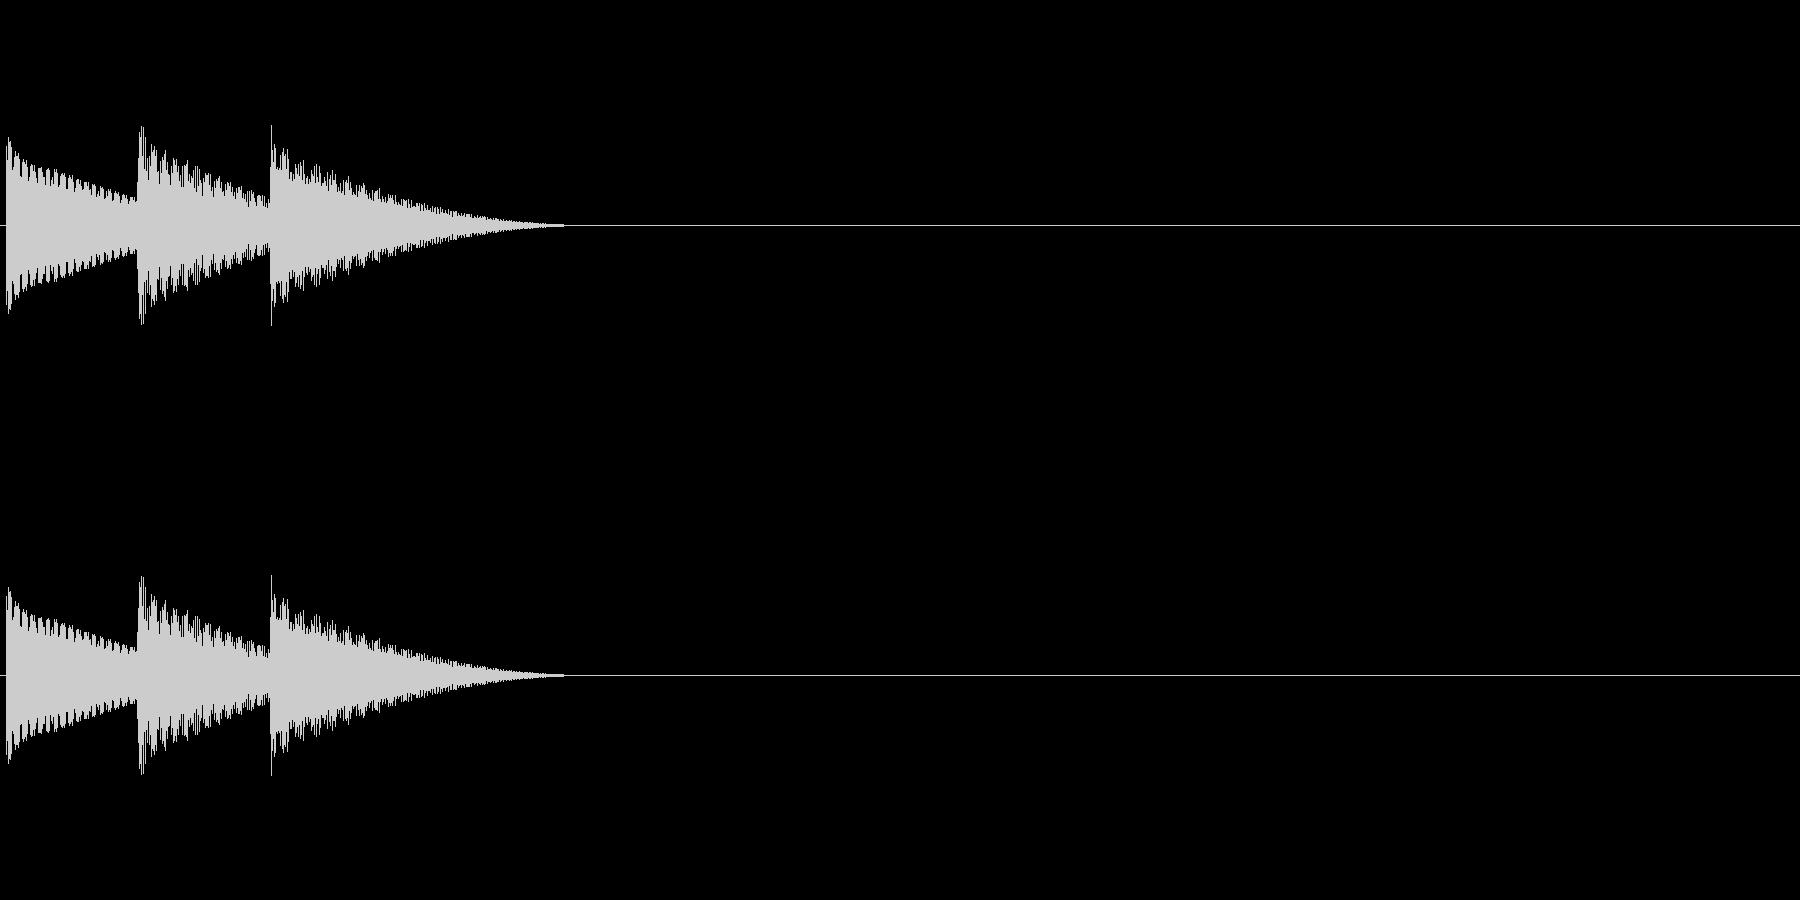 ゲームのキャンセル音「テレロ」の未再生の波形